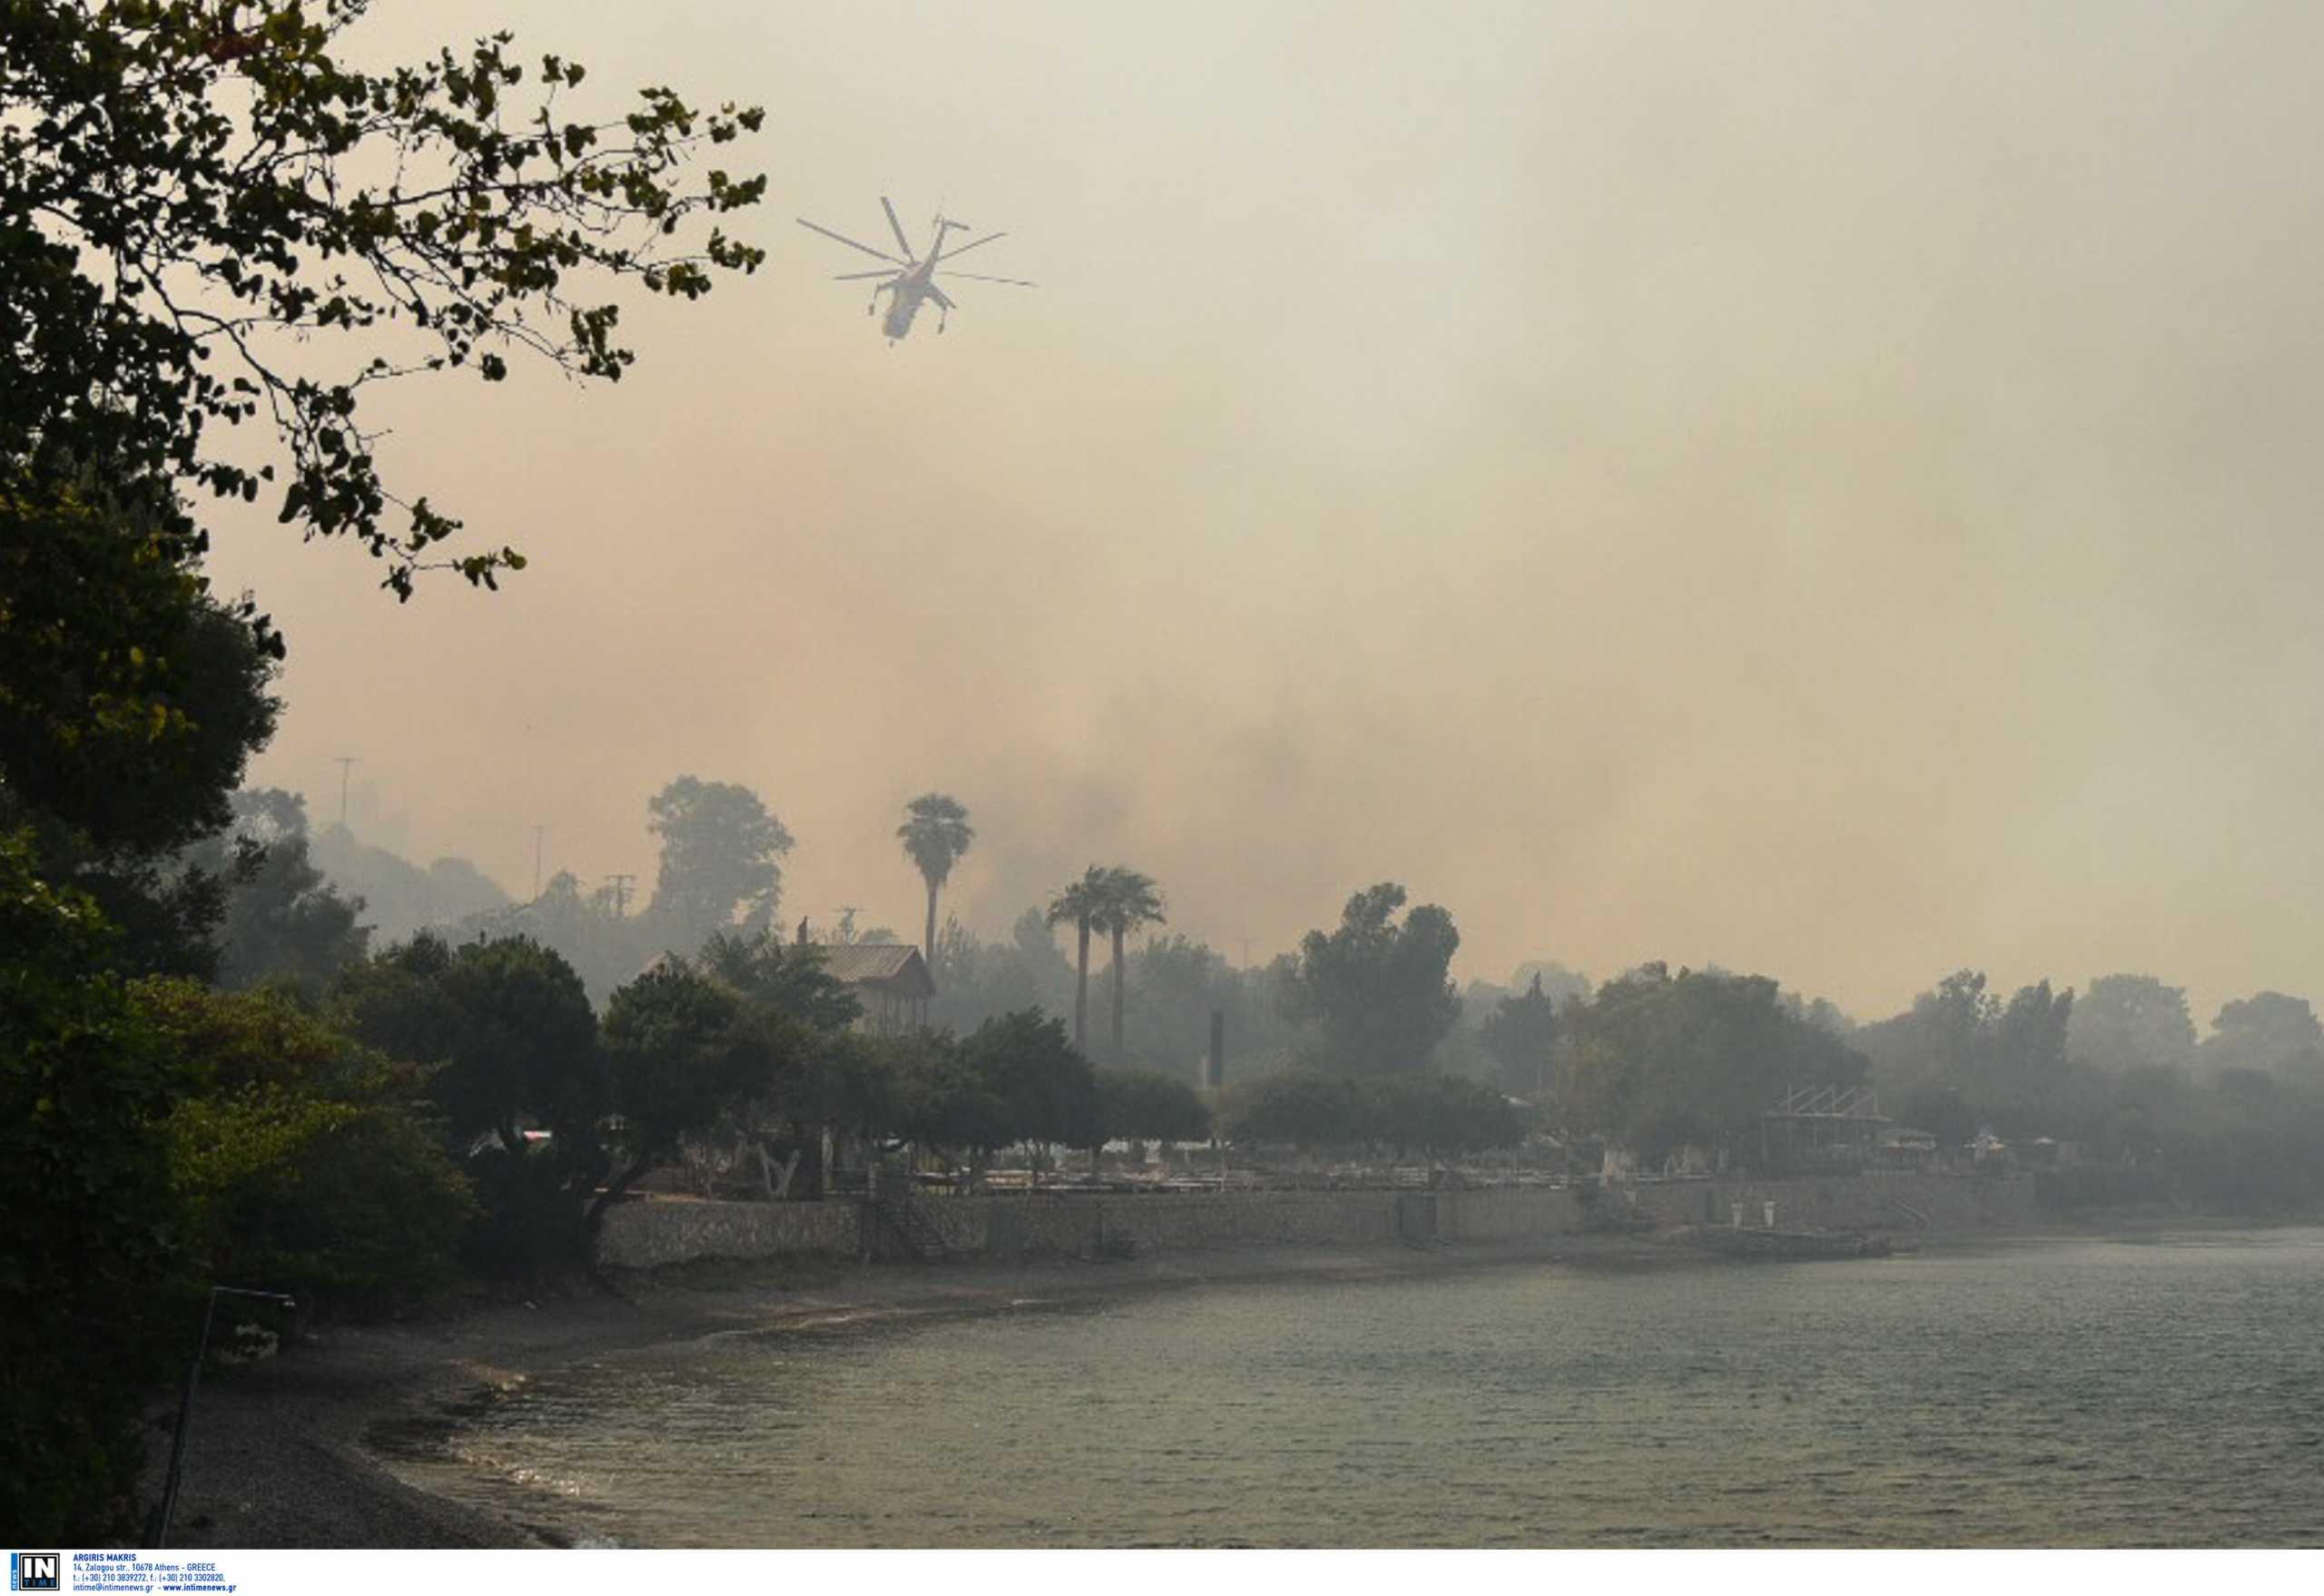 Μέσα στην κόλαση της πυρκαγιάς στην Αχαΐα: Μαρτυρίες για τις μανιασμένες φλόγες – Κάηκαν πολλά σπίτια